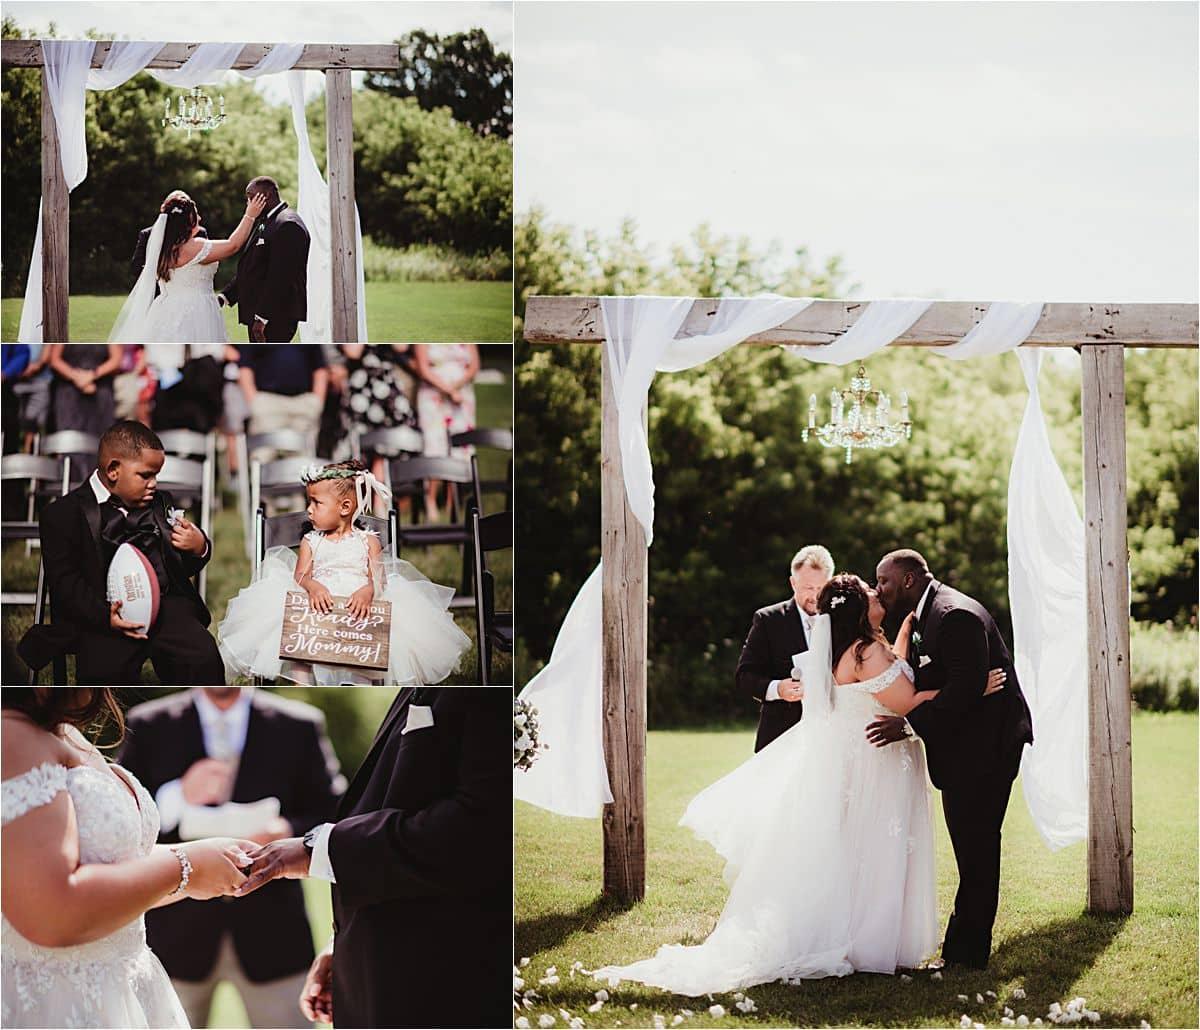 Outdoor Wisconsin Summer Wedding Ceremony